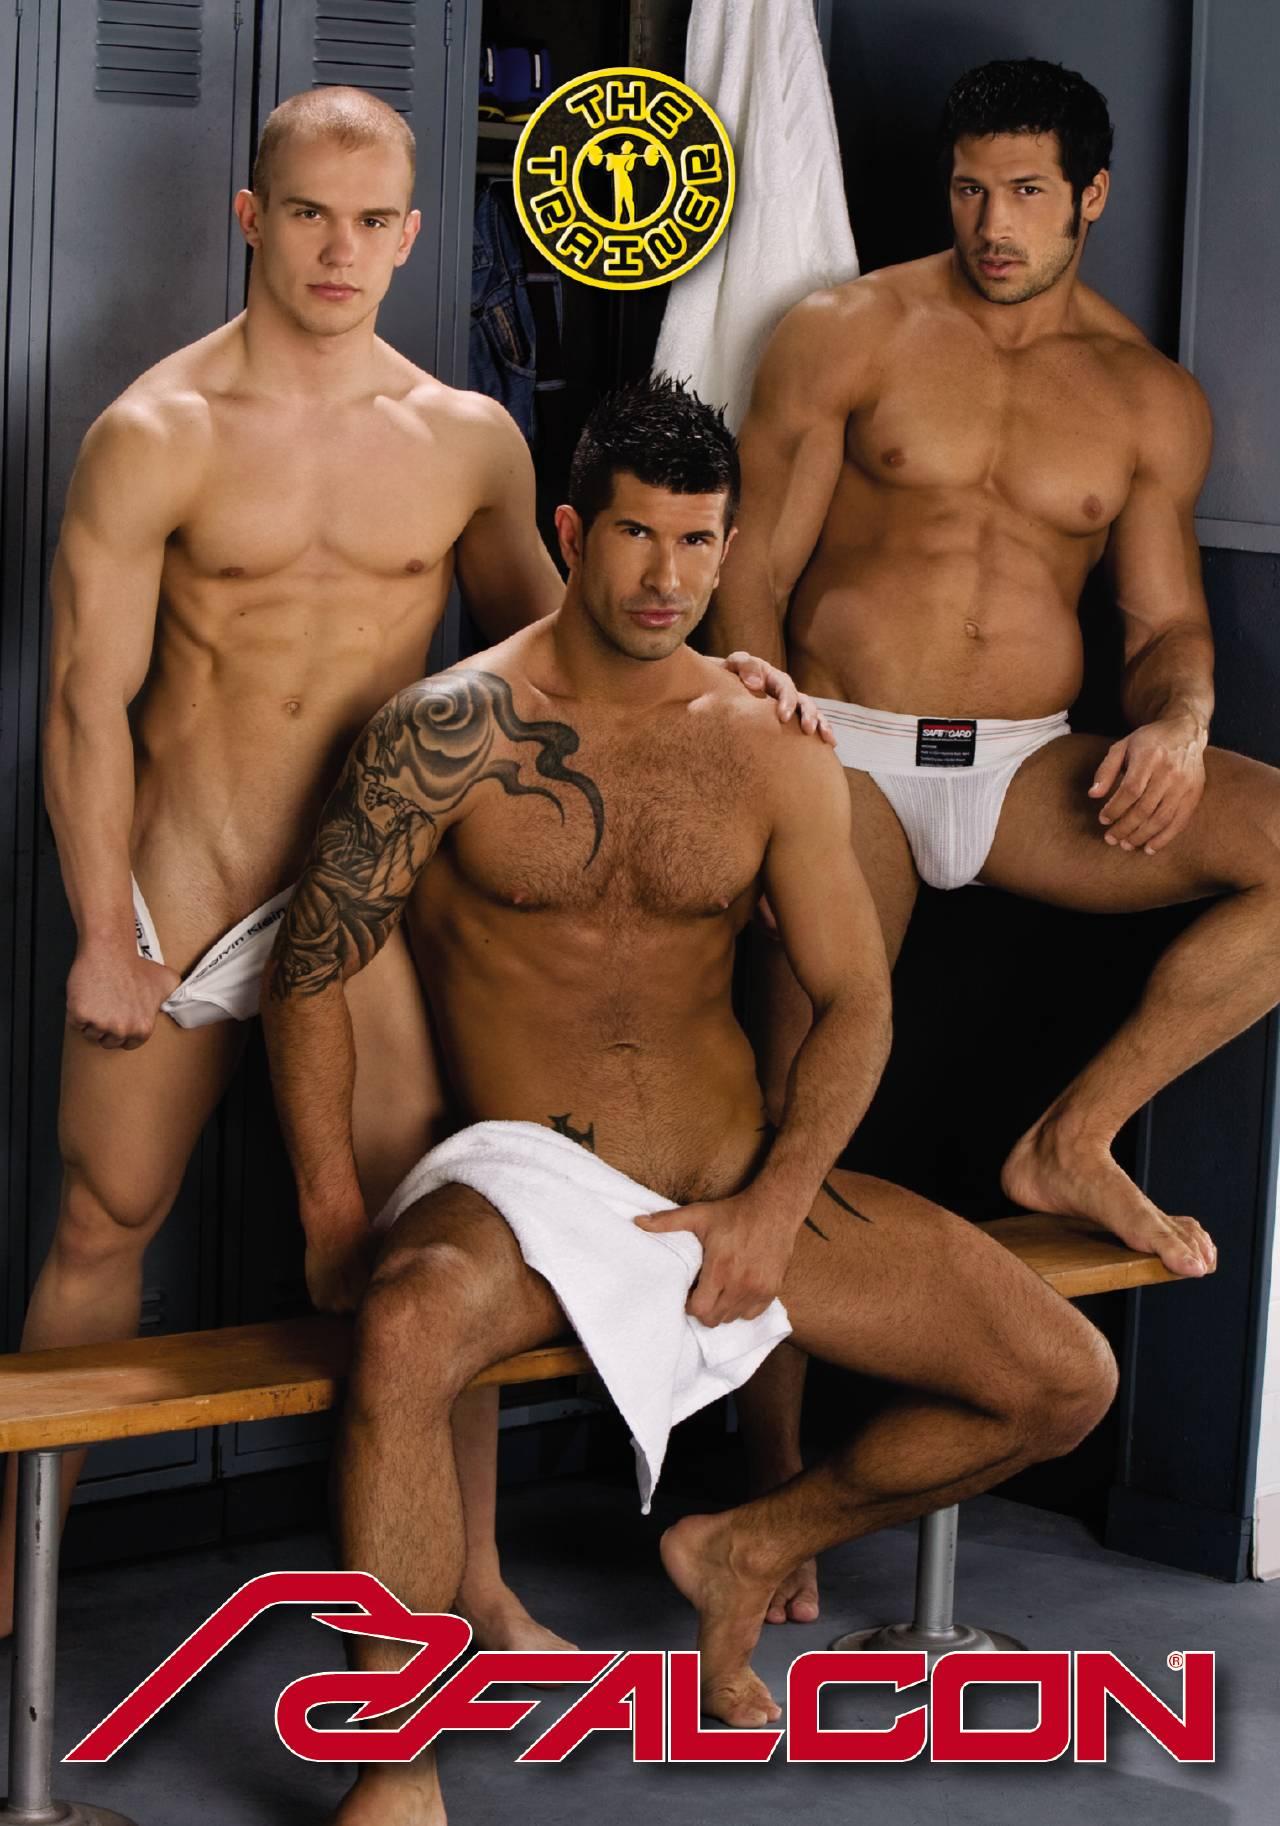 Секс с тренером геем 5 фотография